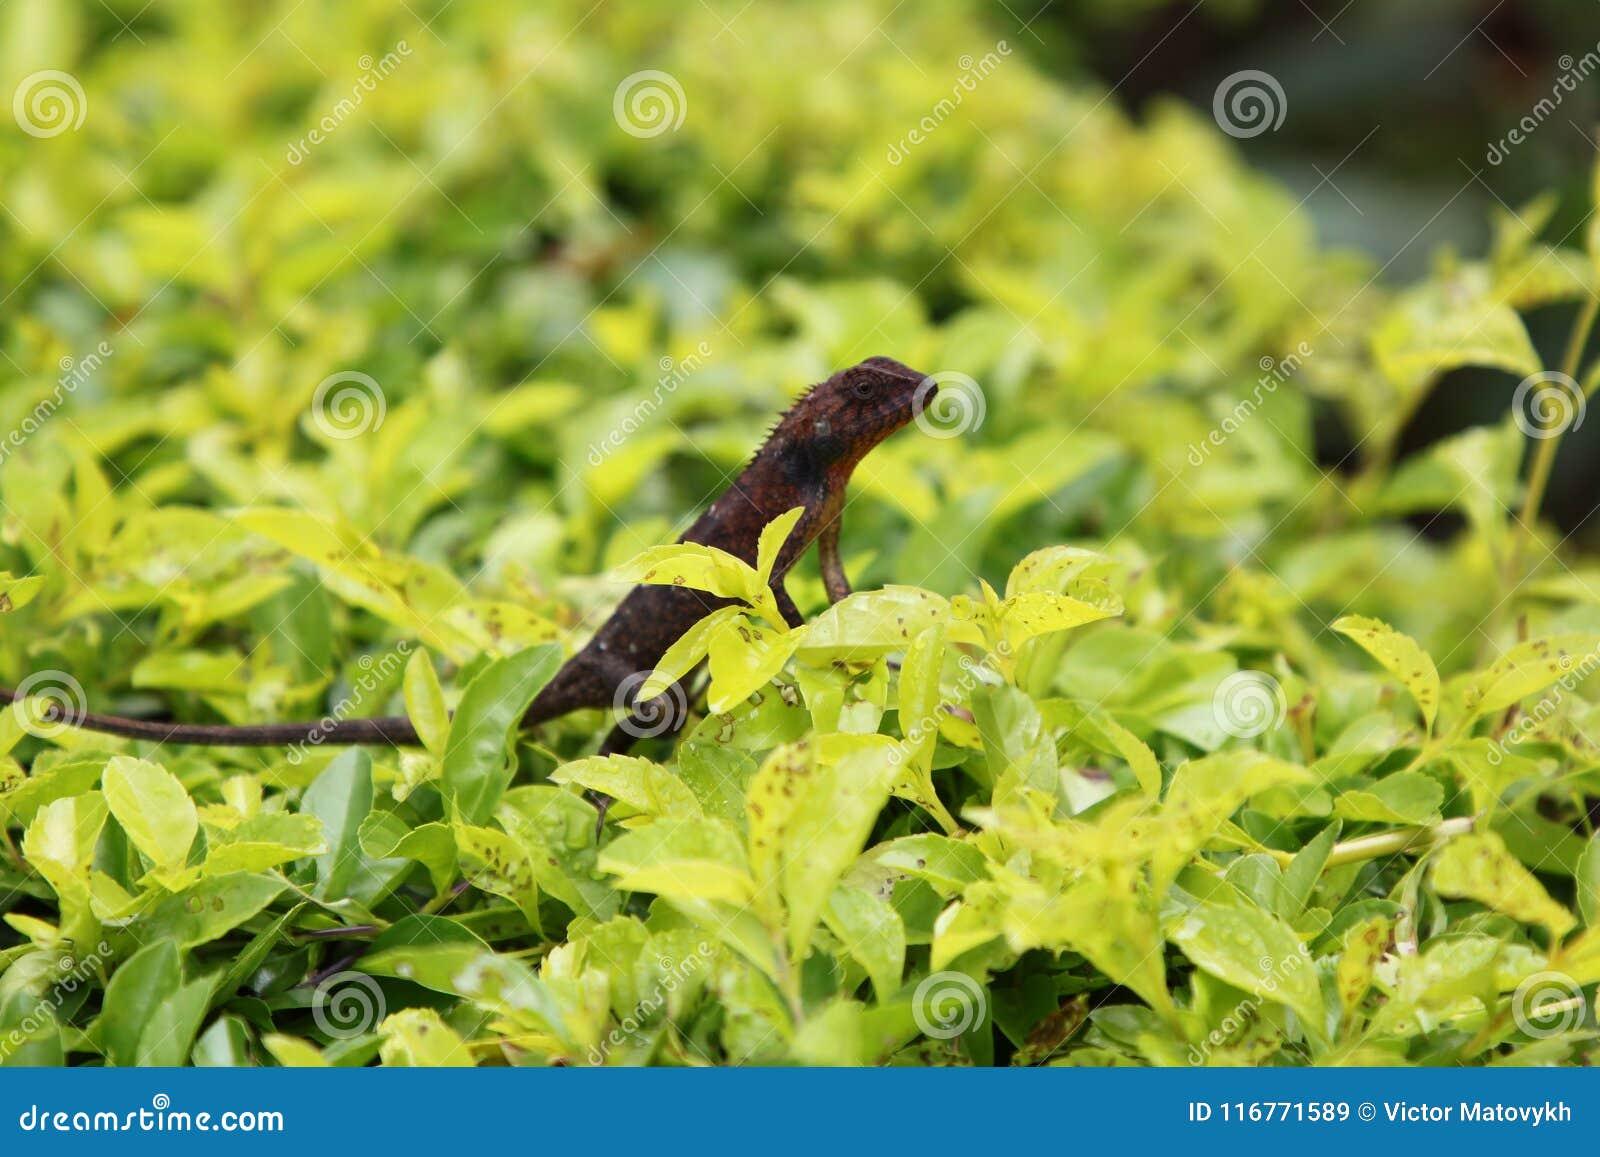 Καφετί gecko σε ένα υπόβαθρο χλόης